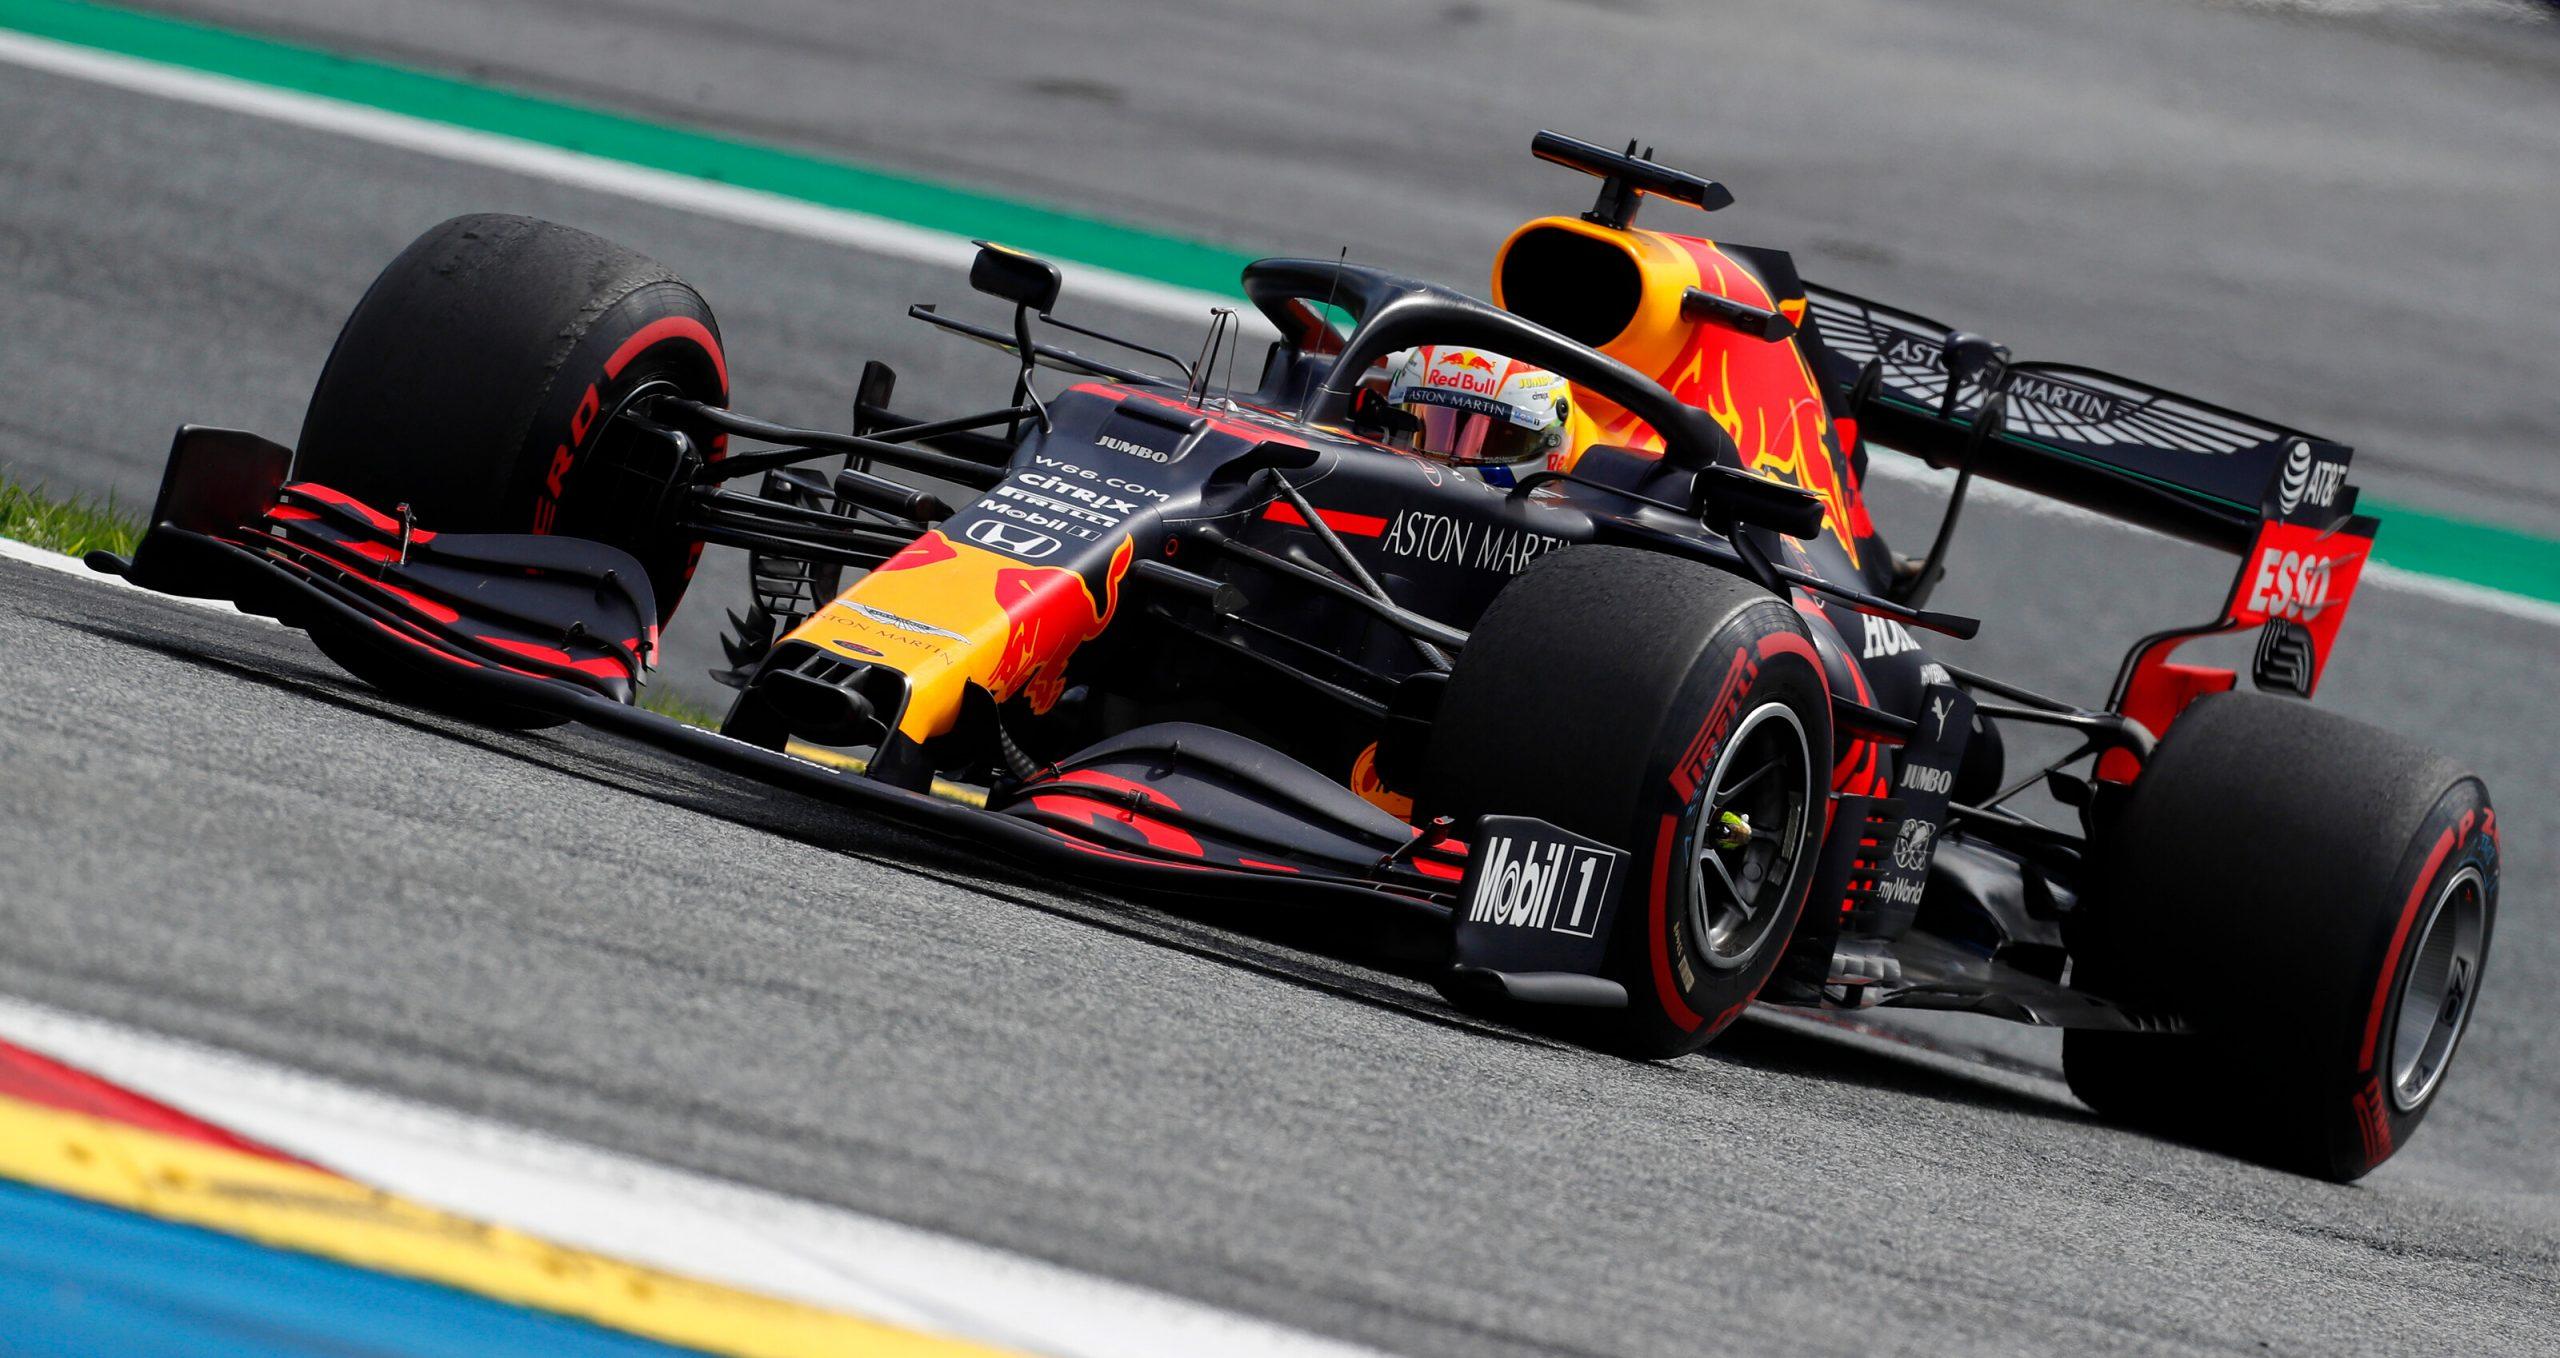 1e vrije training van de GP van Hongarije 2020